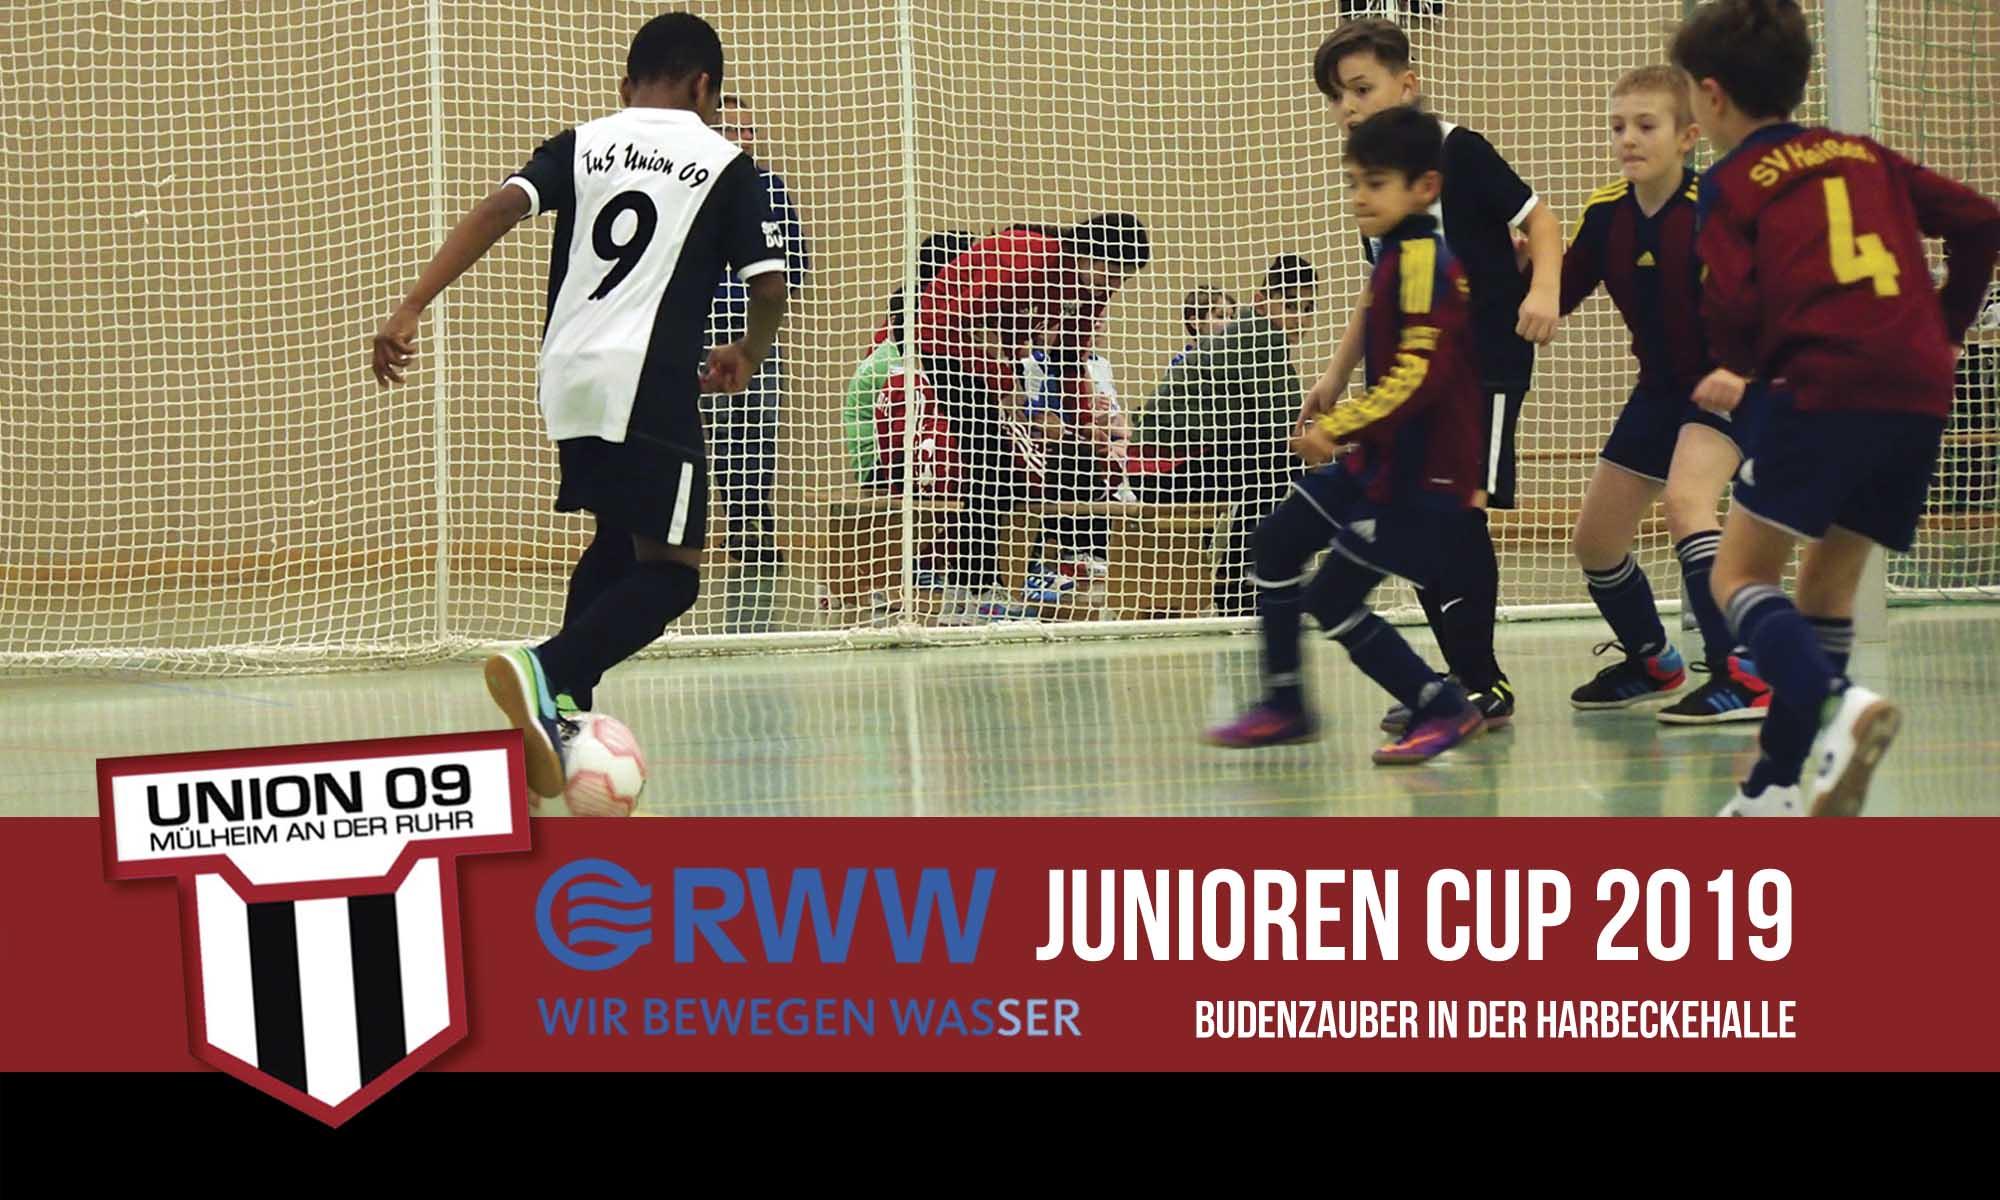 Spielpläne RWW-Junioren Cup 2019 sind Online